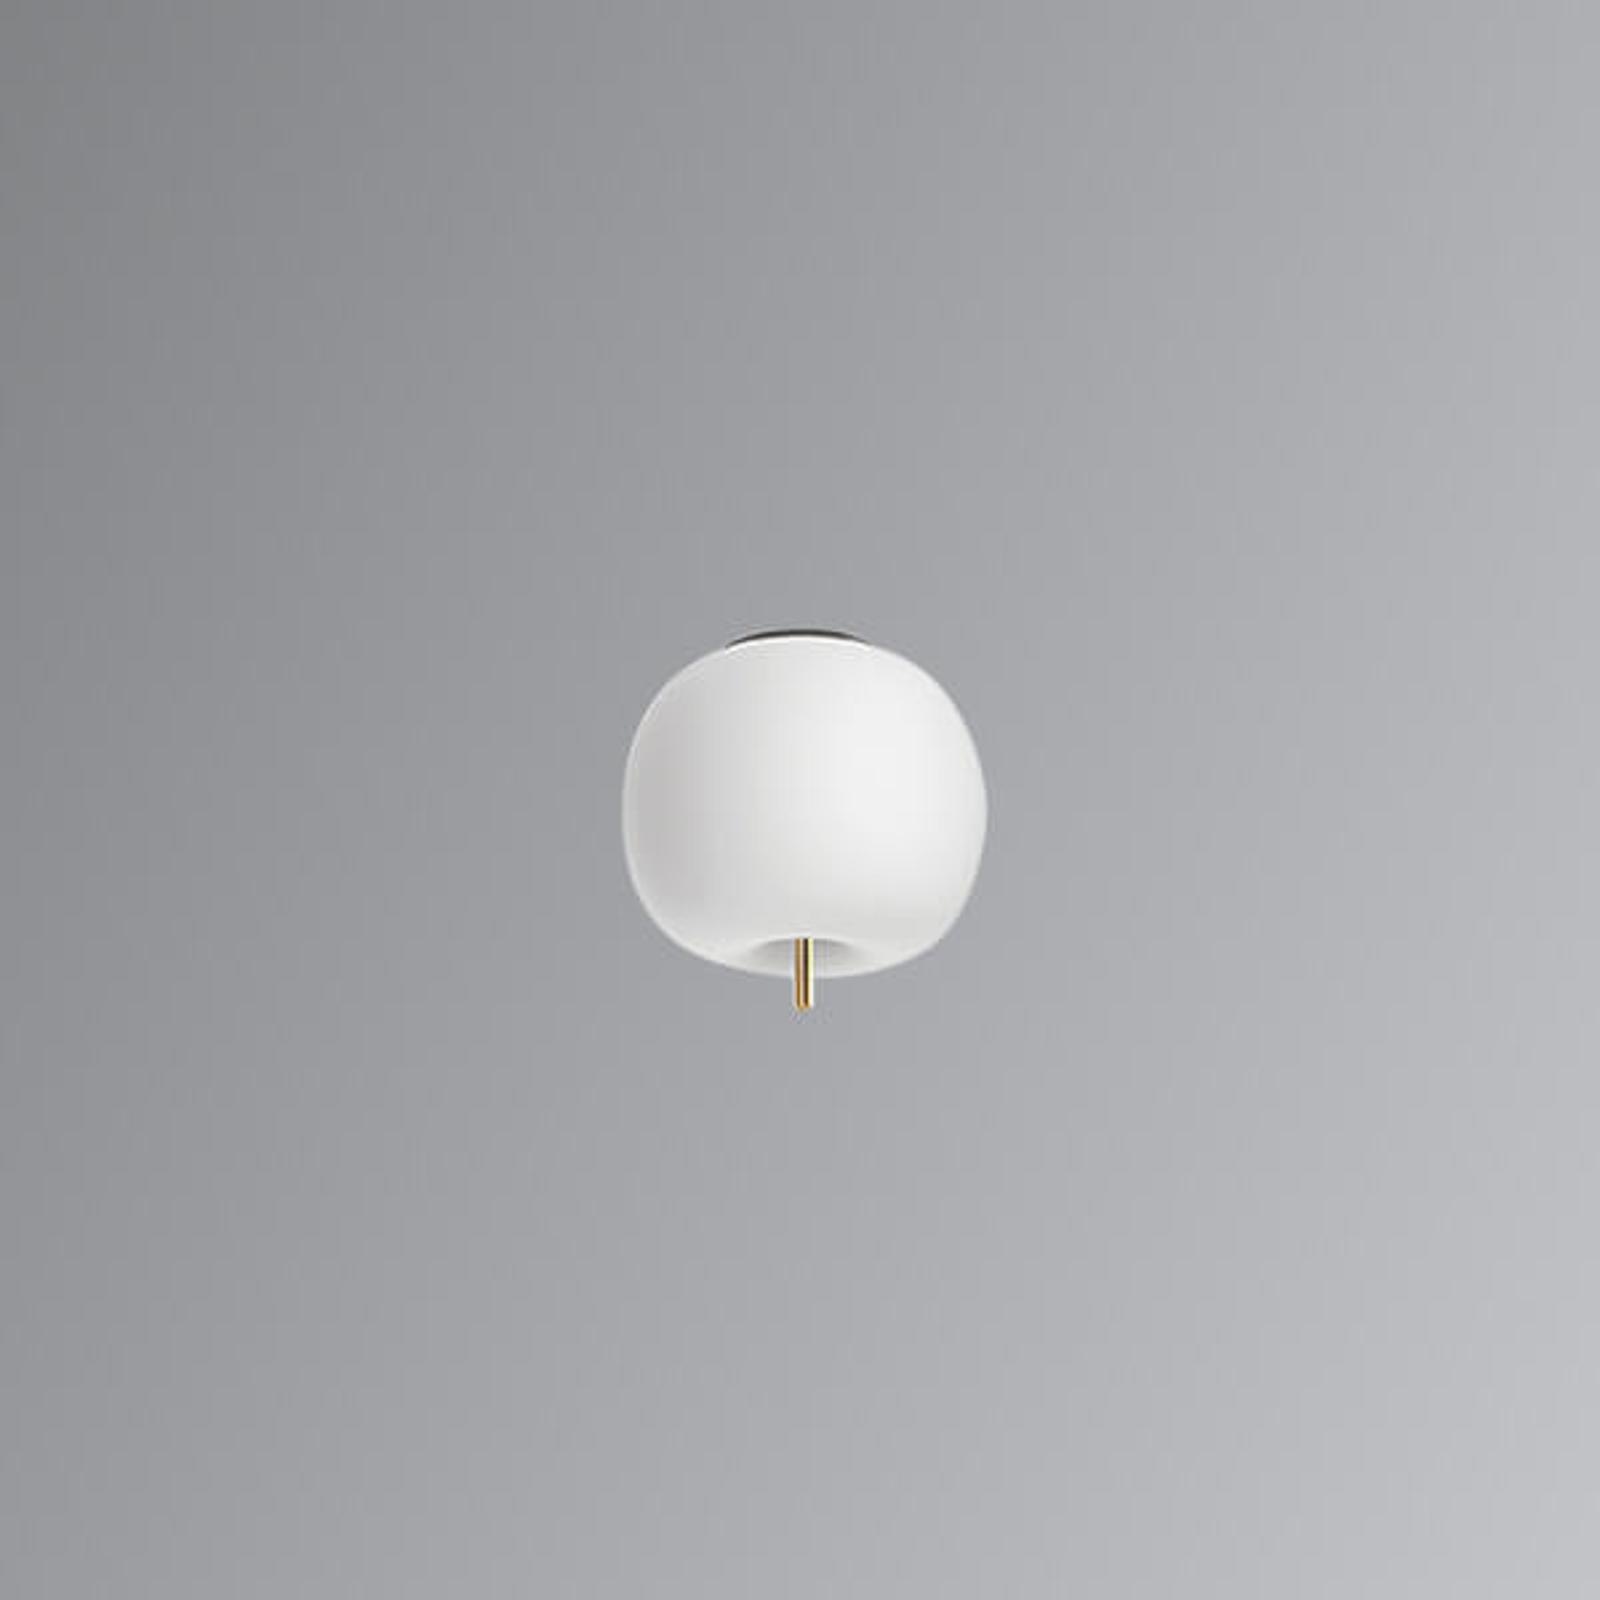 Kundalini Kushi - LED-taklampe messing 16 cm